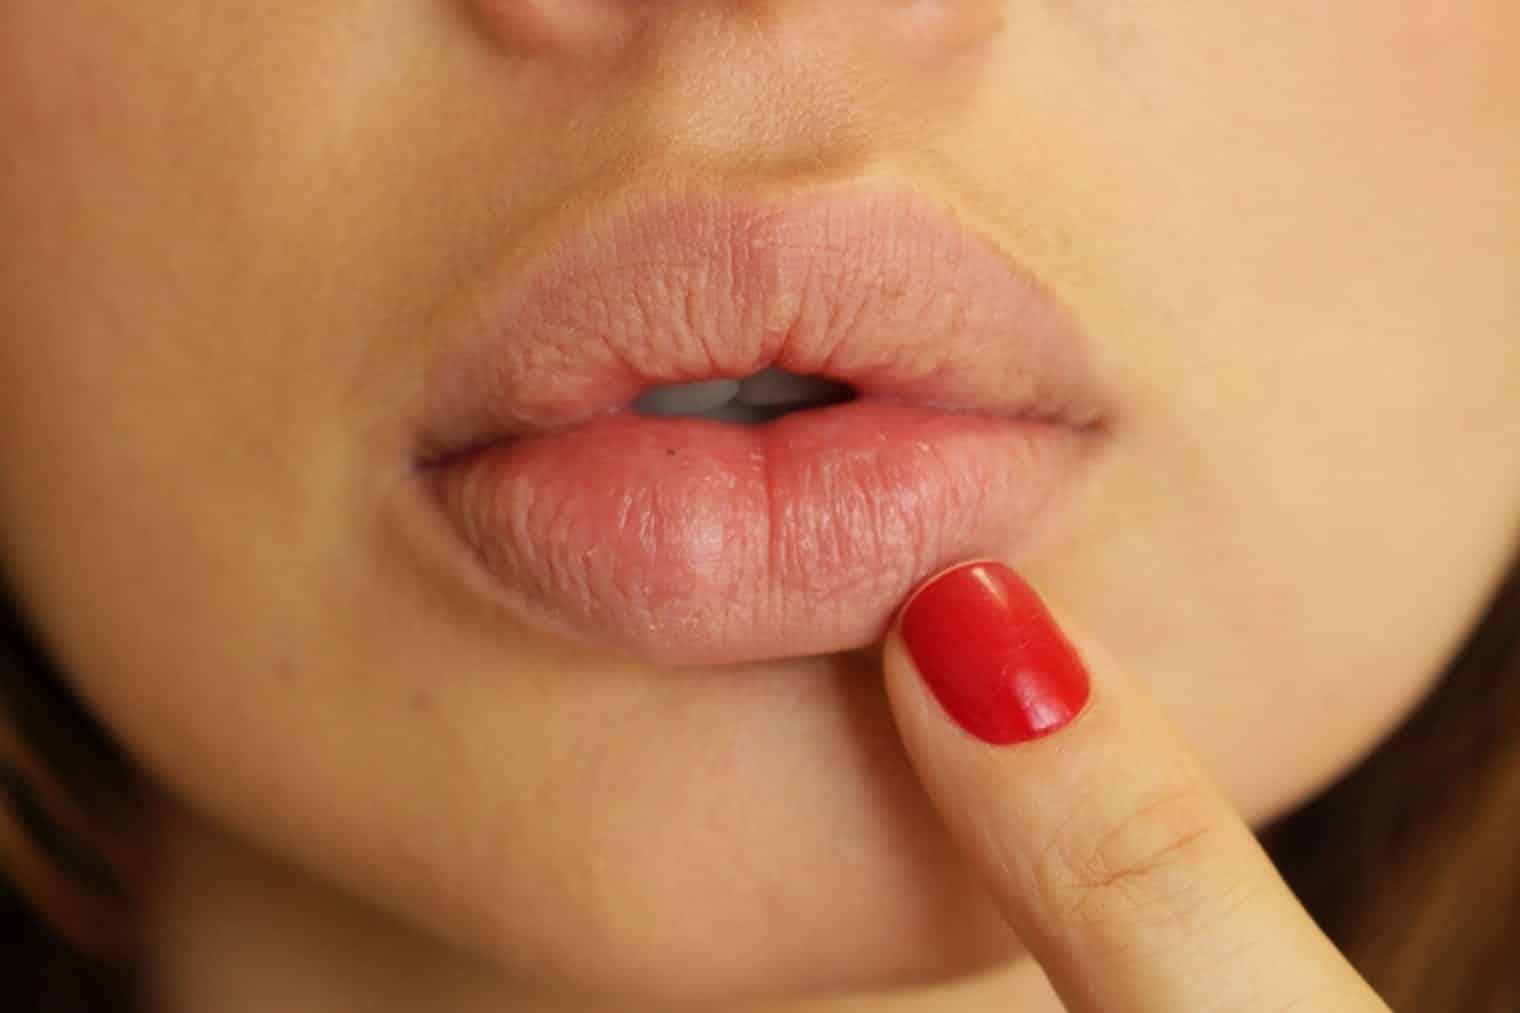 Lábios- Por que ressecam, sensibilidade, saúde dos lábios + dicas